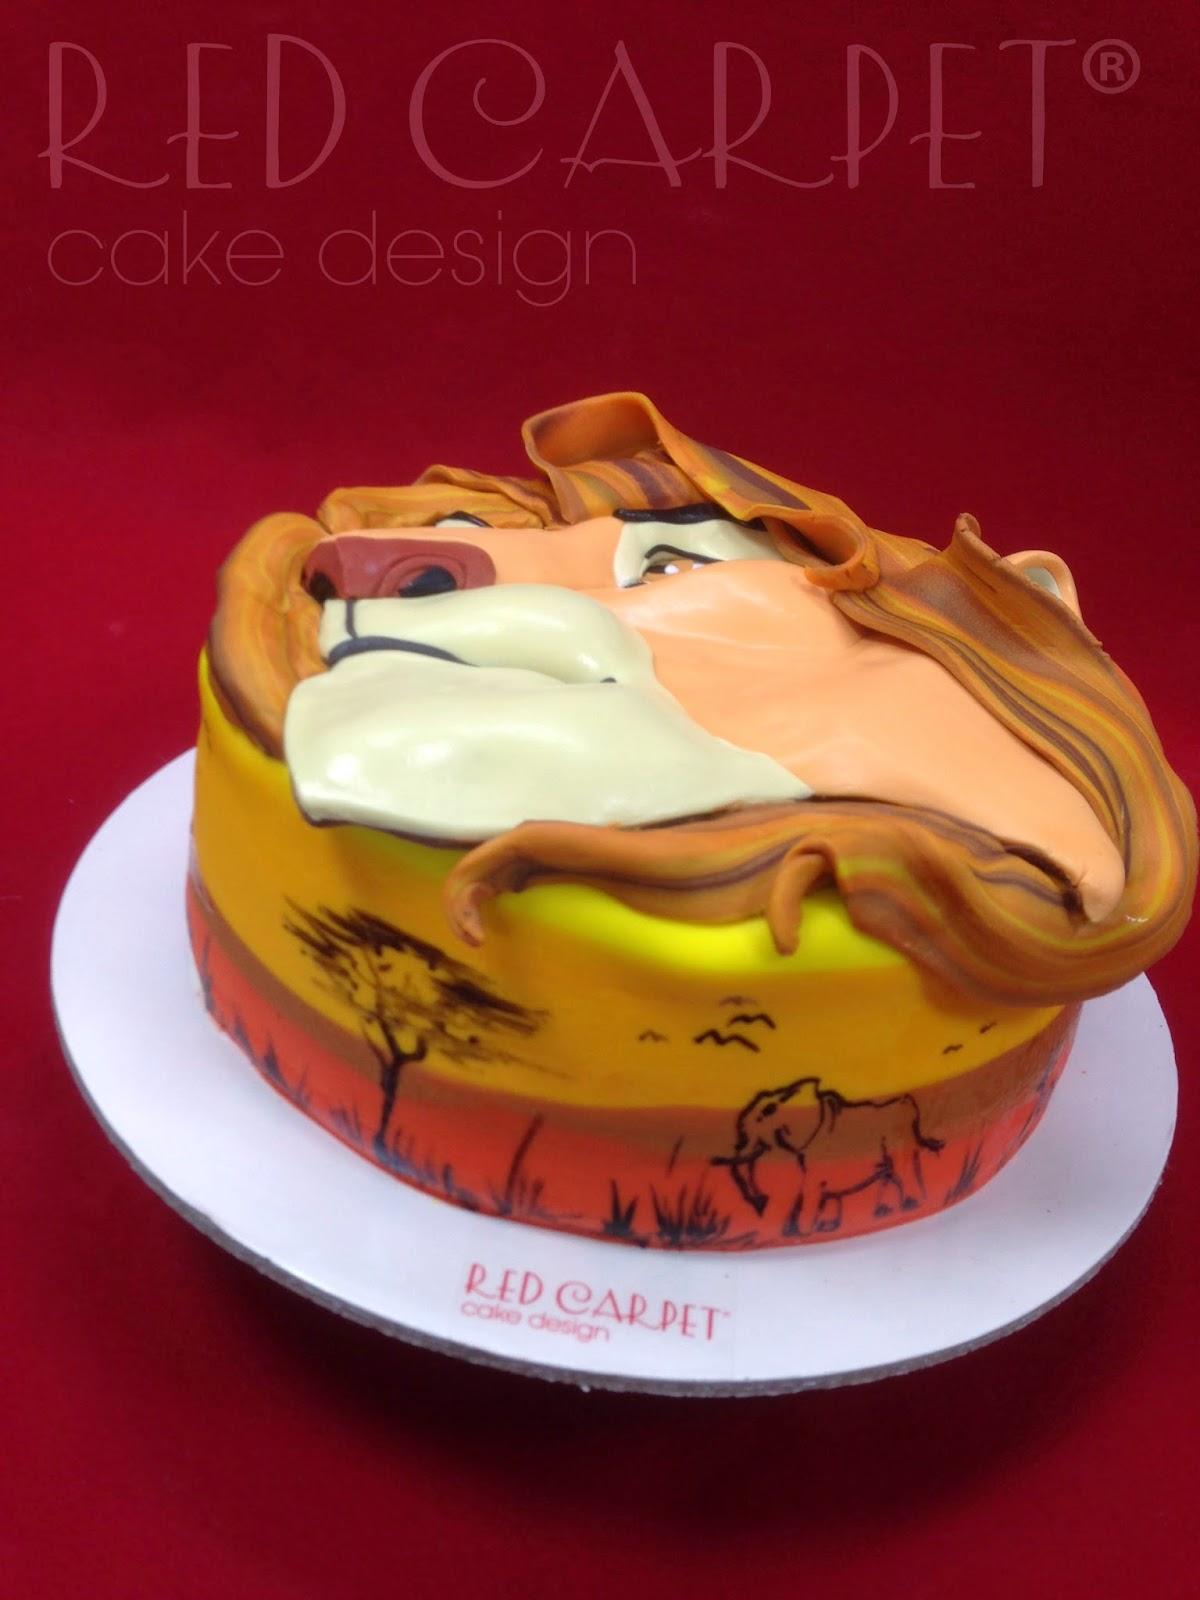 King Lion Cake By Red Carpet Cake Design Red Carpet Cake Design